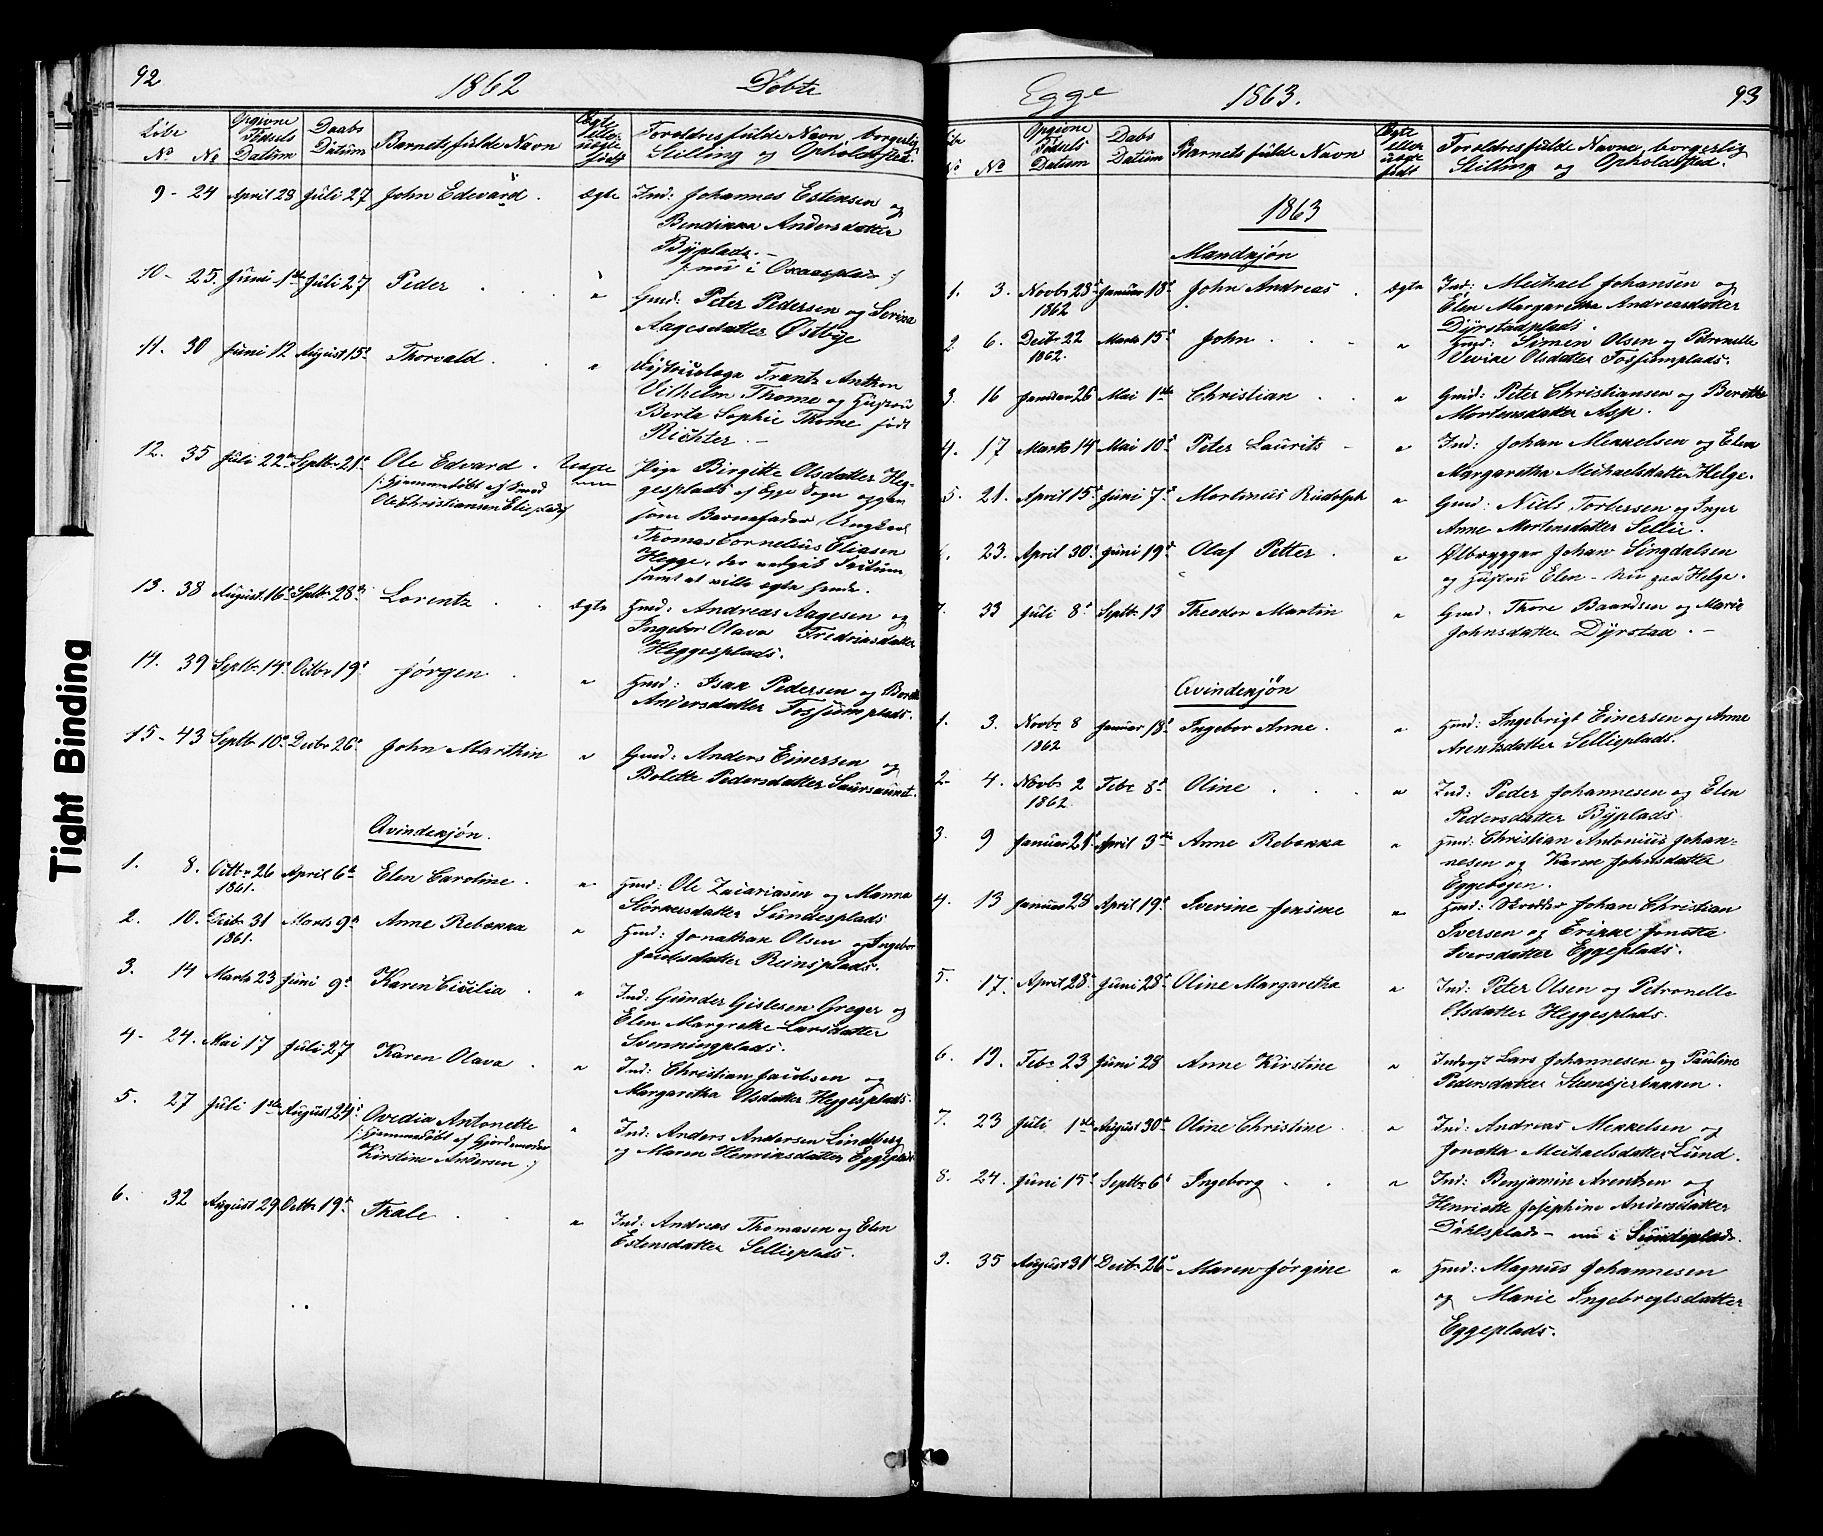 SAT, Ministerialprotokoller, klokkerbøker og fødselsregistre - Nord-Trøndelag, 739/L0367: Ministerialbok nr. 739A01 /3, 1838-1868, s. 92-93